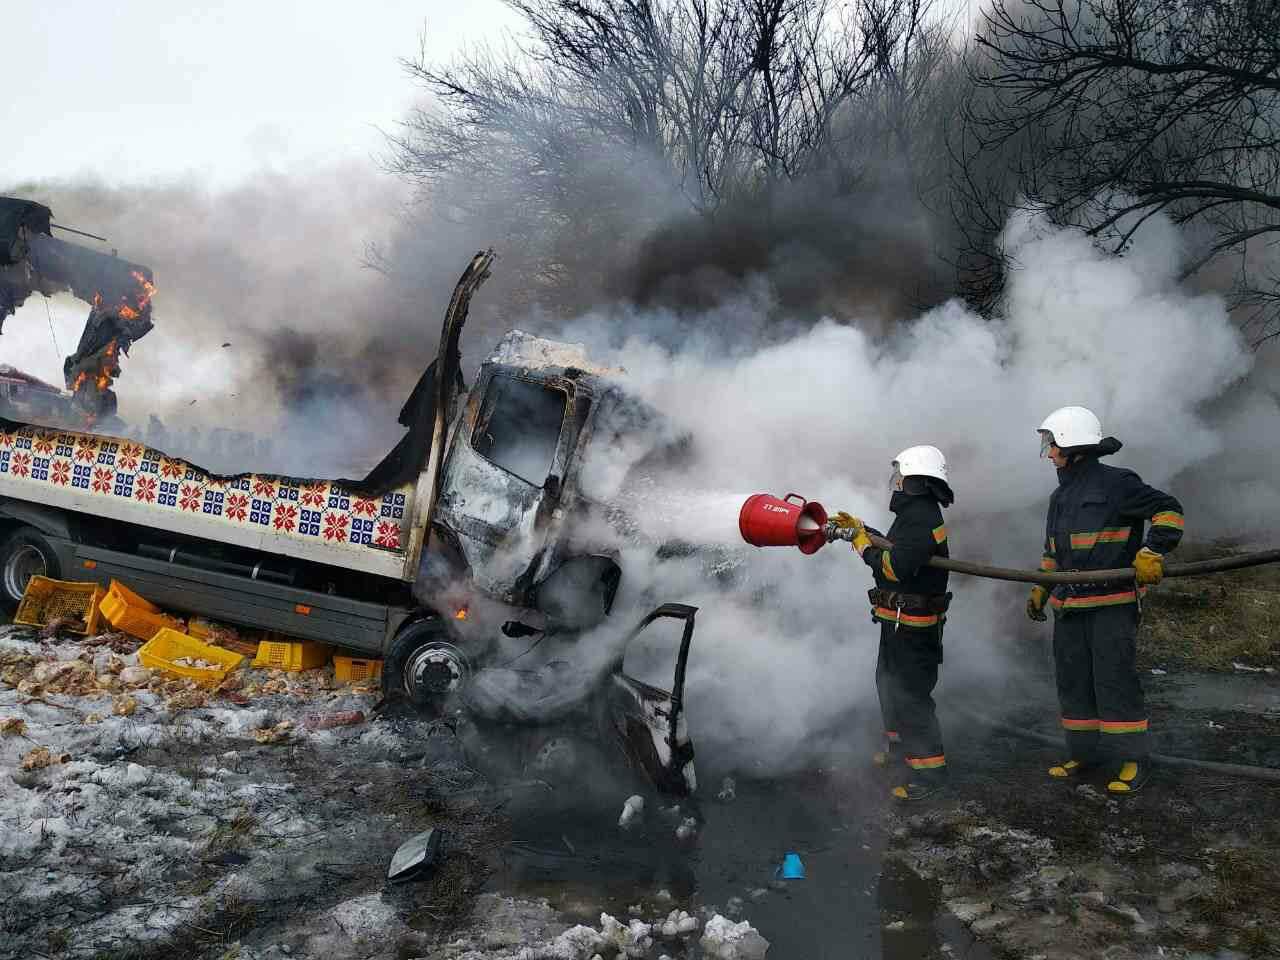 ДТП в Днепропетровской области: В результате погибло 3 человека, еще 3 пострадали